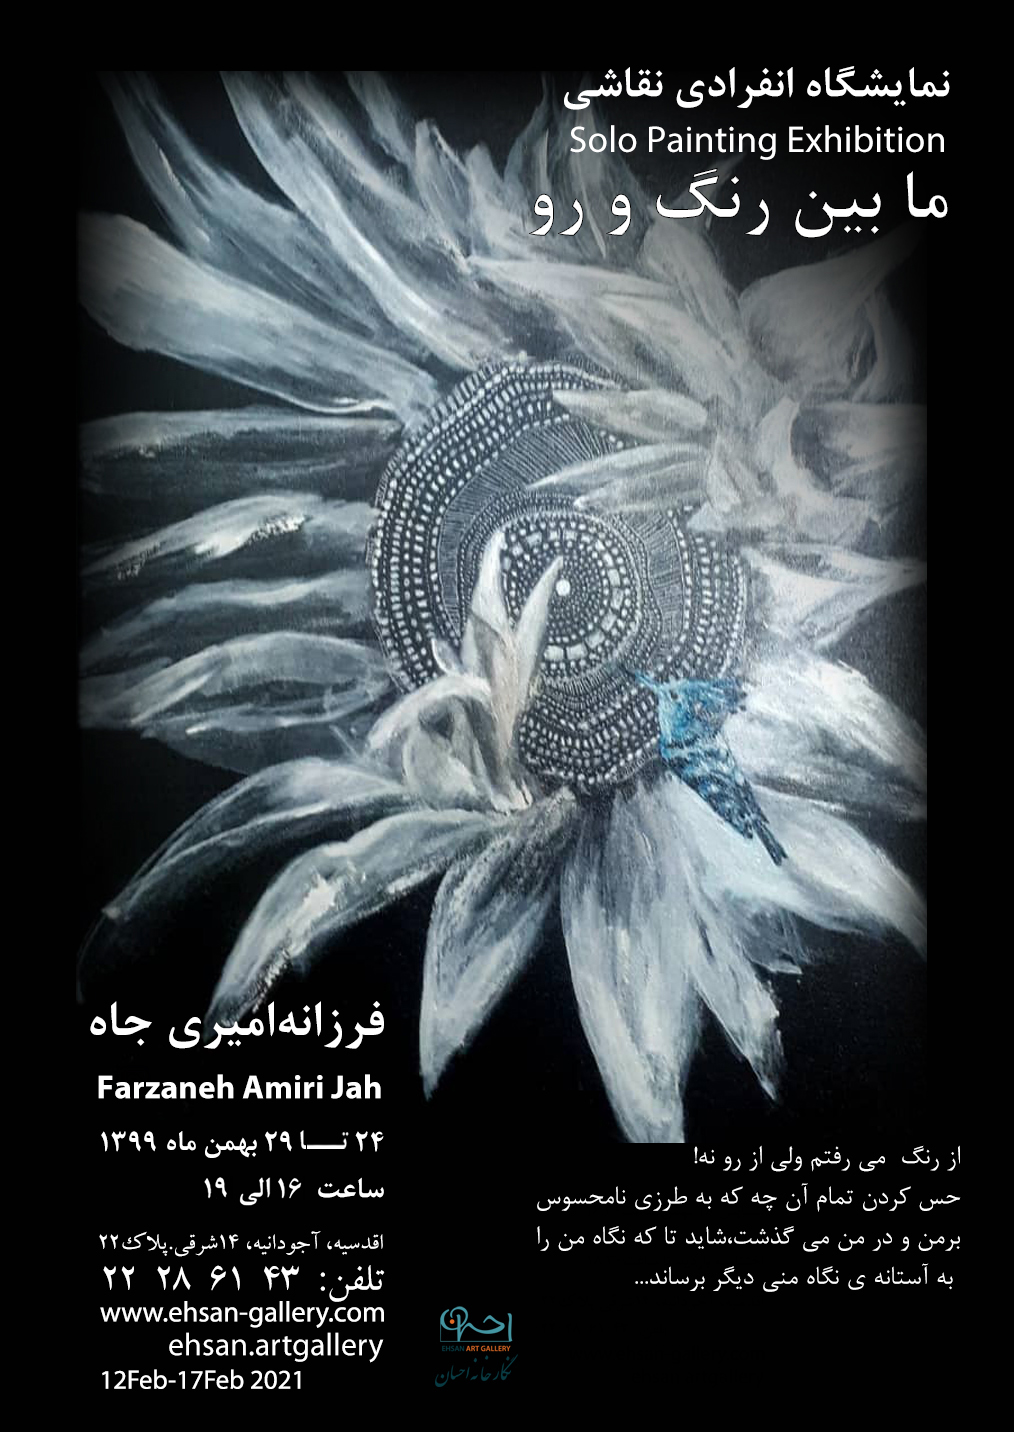 """""""ما بین رنگ و رو""""؛ برپایی نمایشگاه انفرادی نقاشی در گالری احسان"""